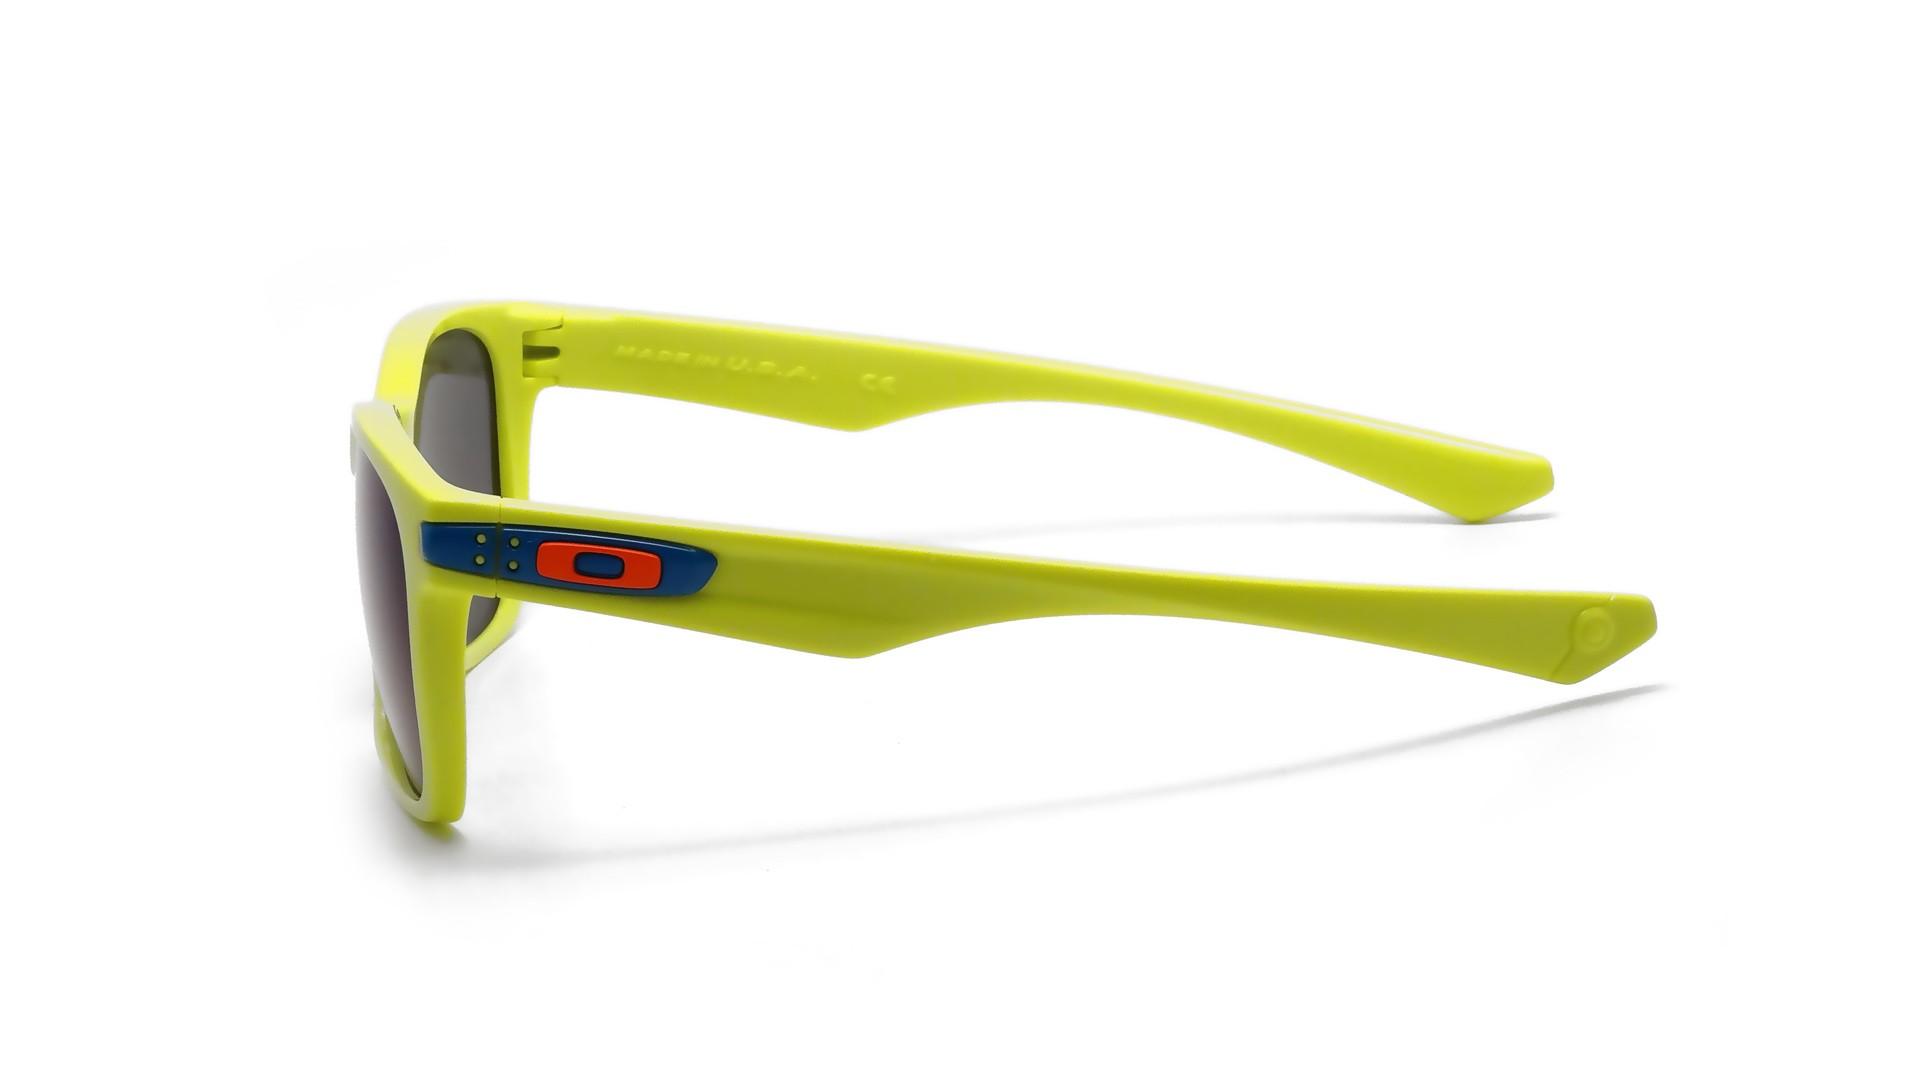 oakley womens garage rock sunglasses  oakley garage rock yellow oo9175 14 55 19